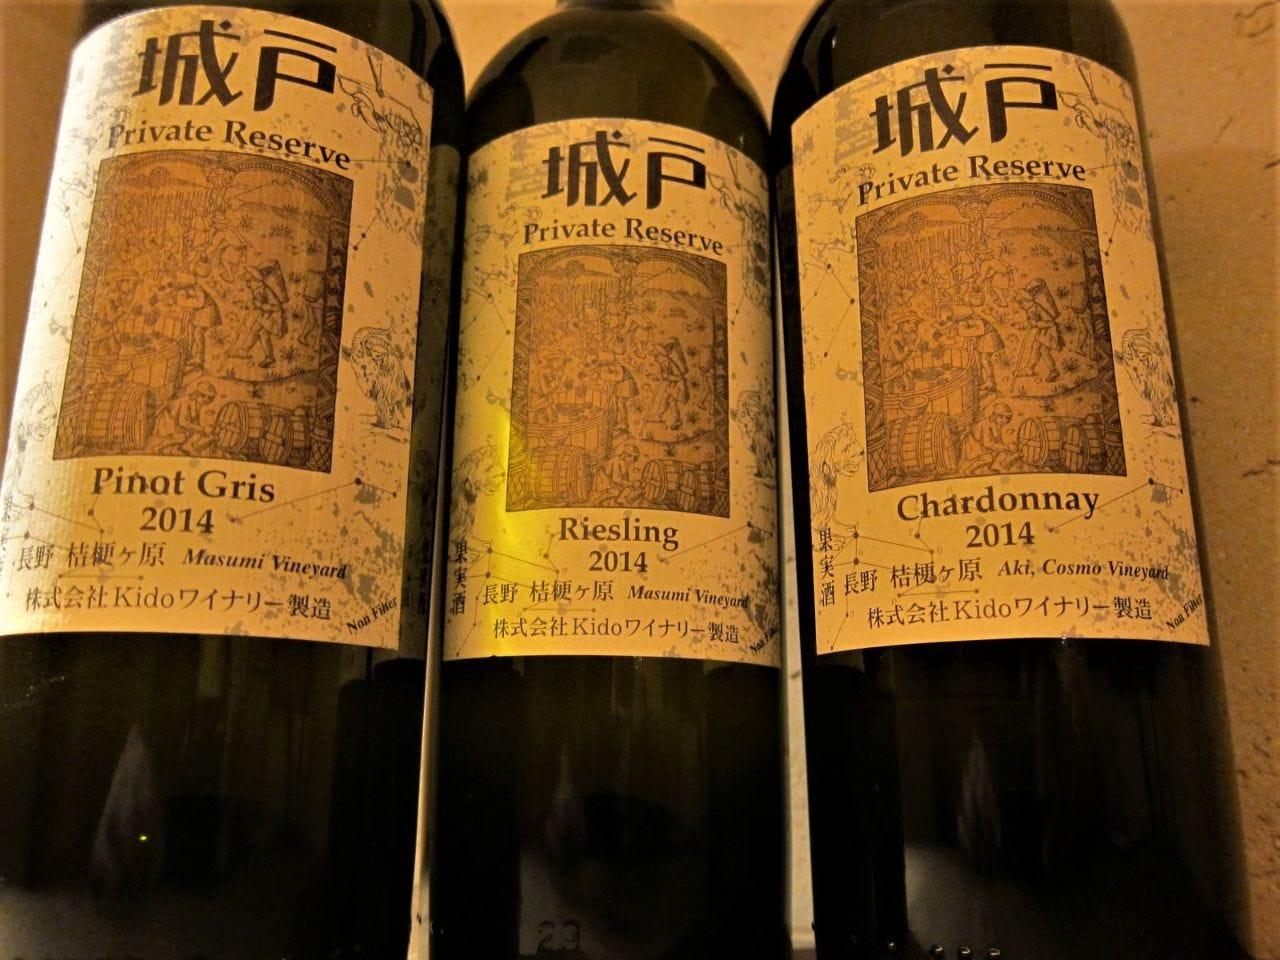 大人気の城戸ワイン